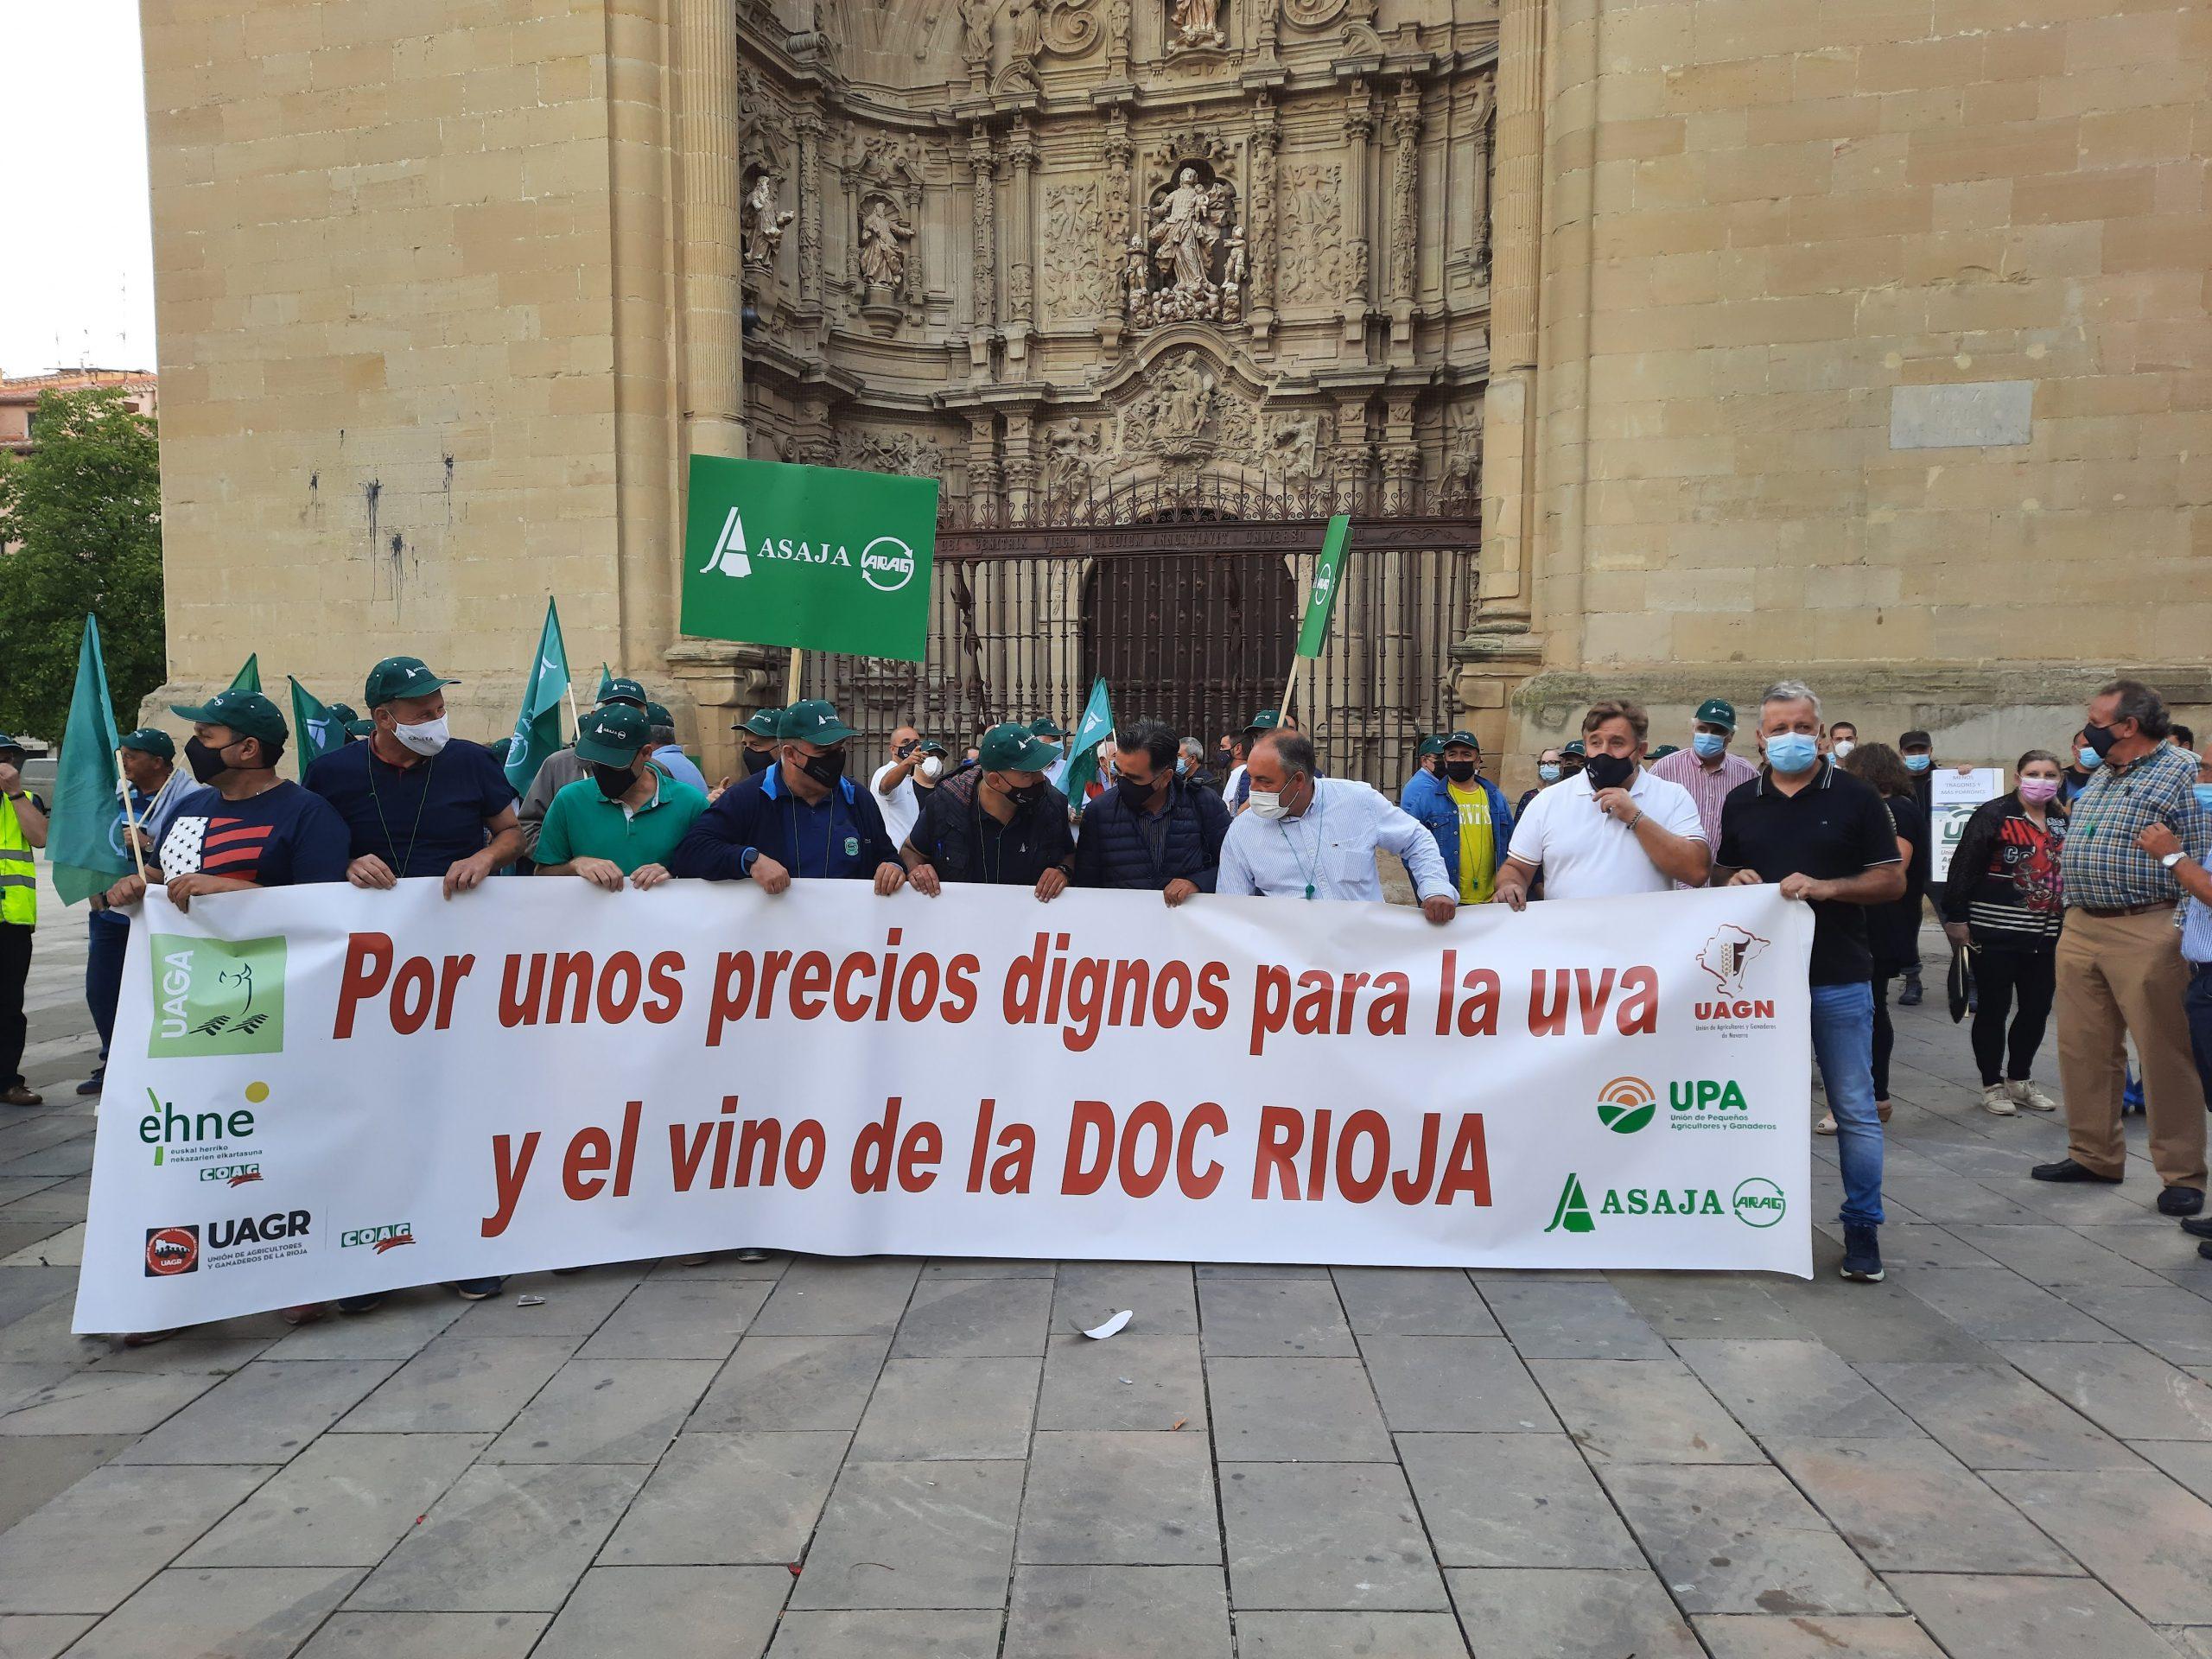 """Viticultores se manifiestan para reclamar """"Unos precios dignos para la uva y el vino"""""""